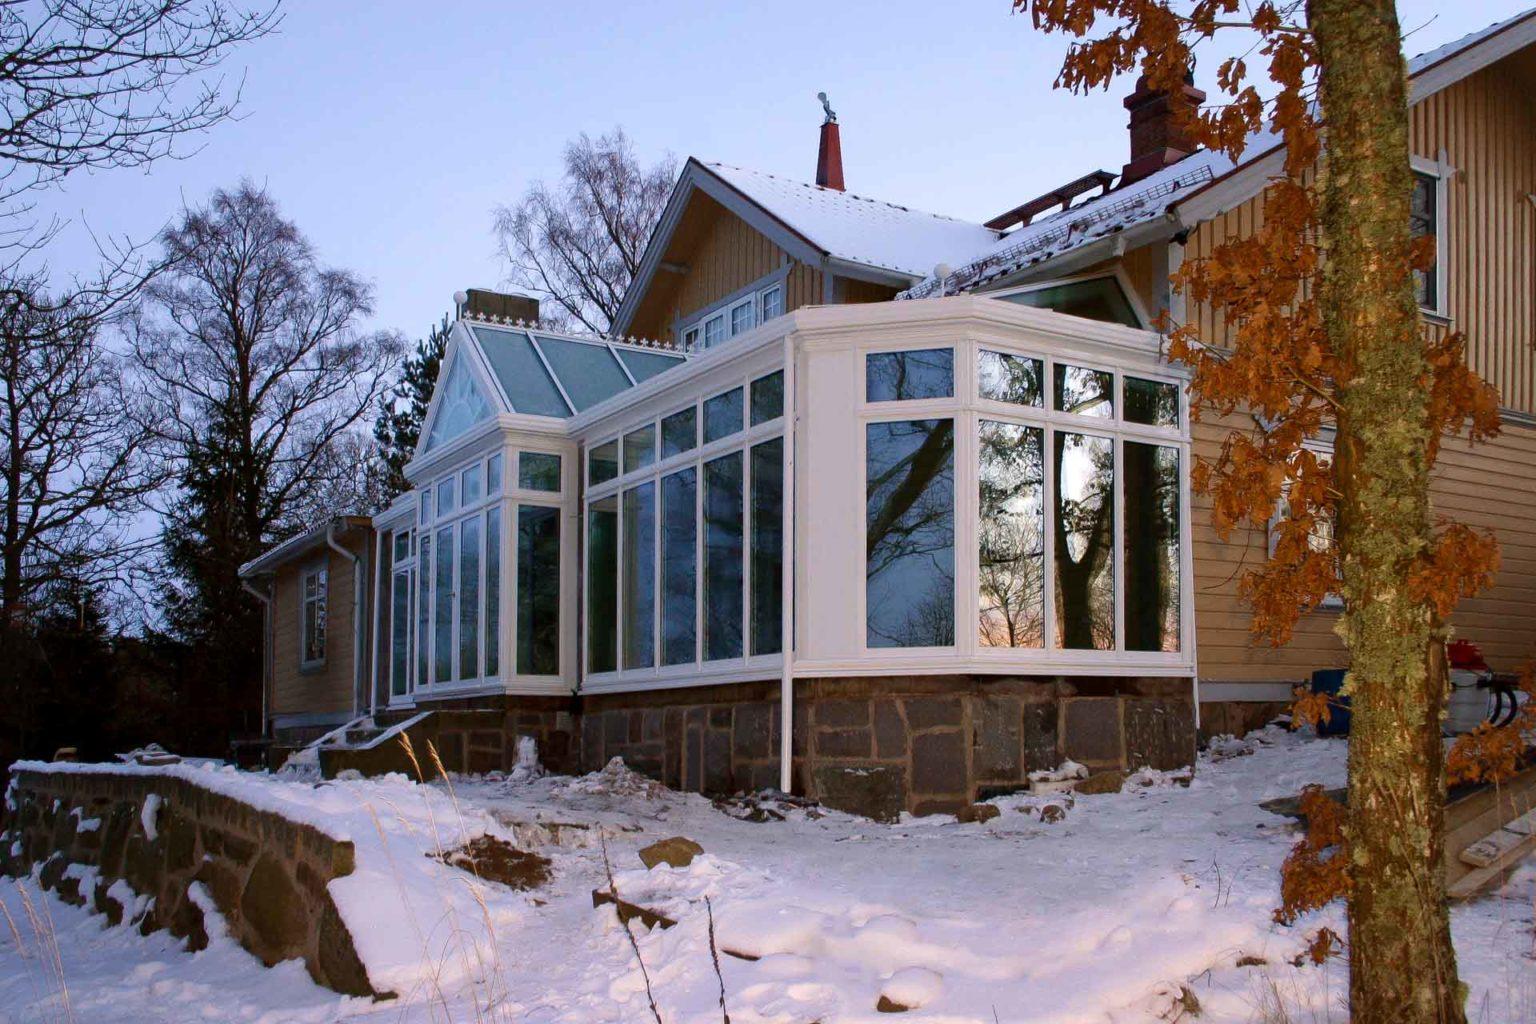 DecoArt Wintergarten in Gustavsberg (Schweden) (Objekt 1075). Zeitgemäße Wintergartentechnik in historischer Gestaltung